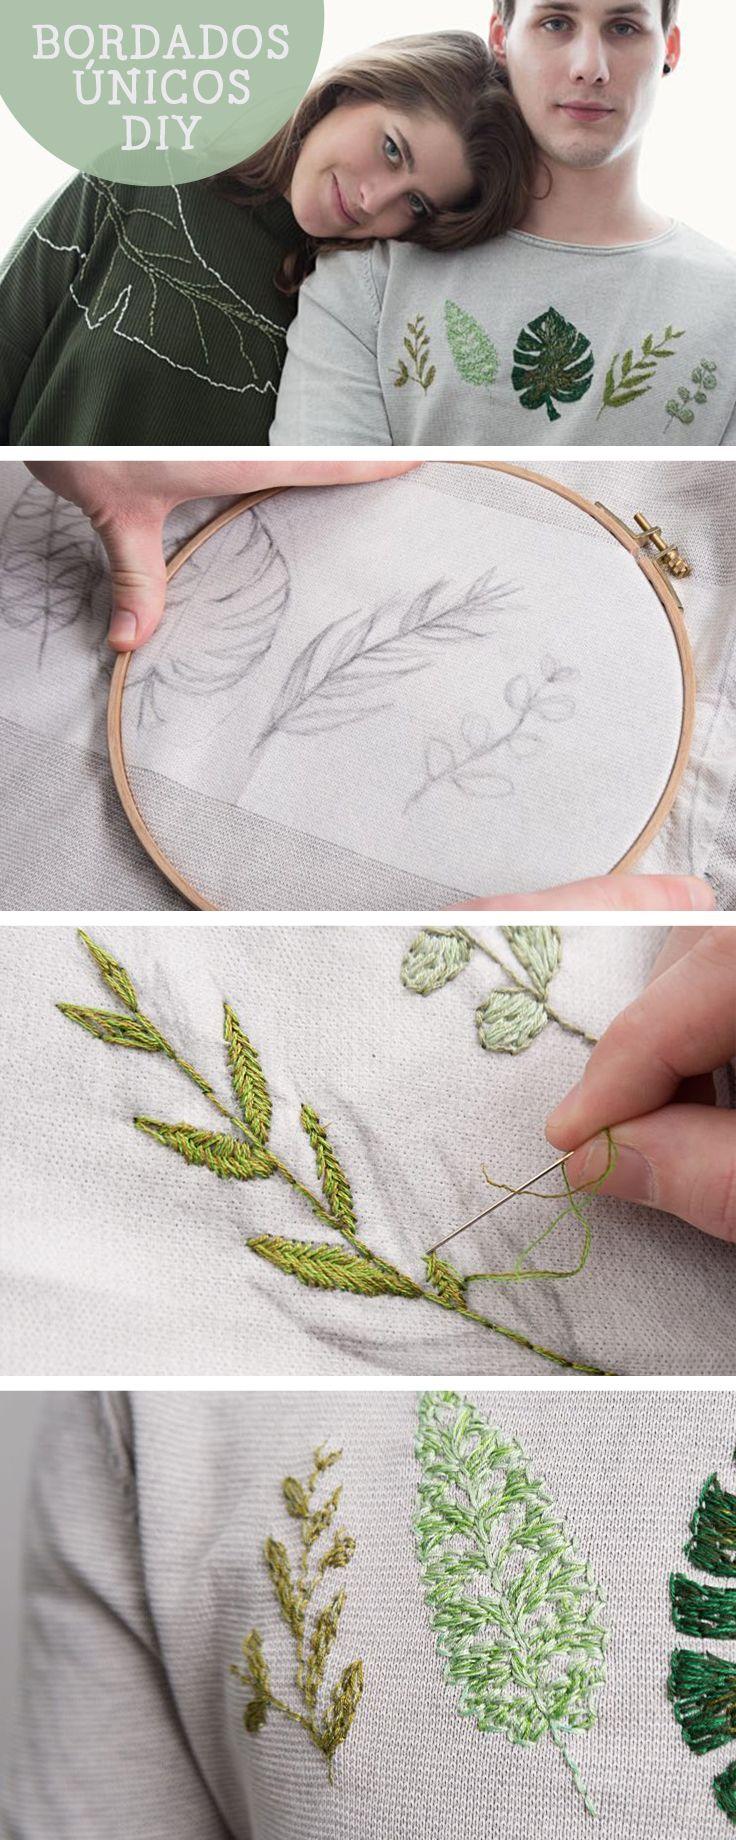 Tutorial DIY: Cómo bordar hojas diferentfolhas 2es en un jersey - Bordado y costura en DaWanda.es